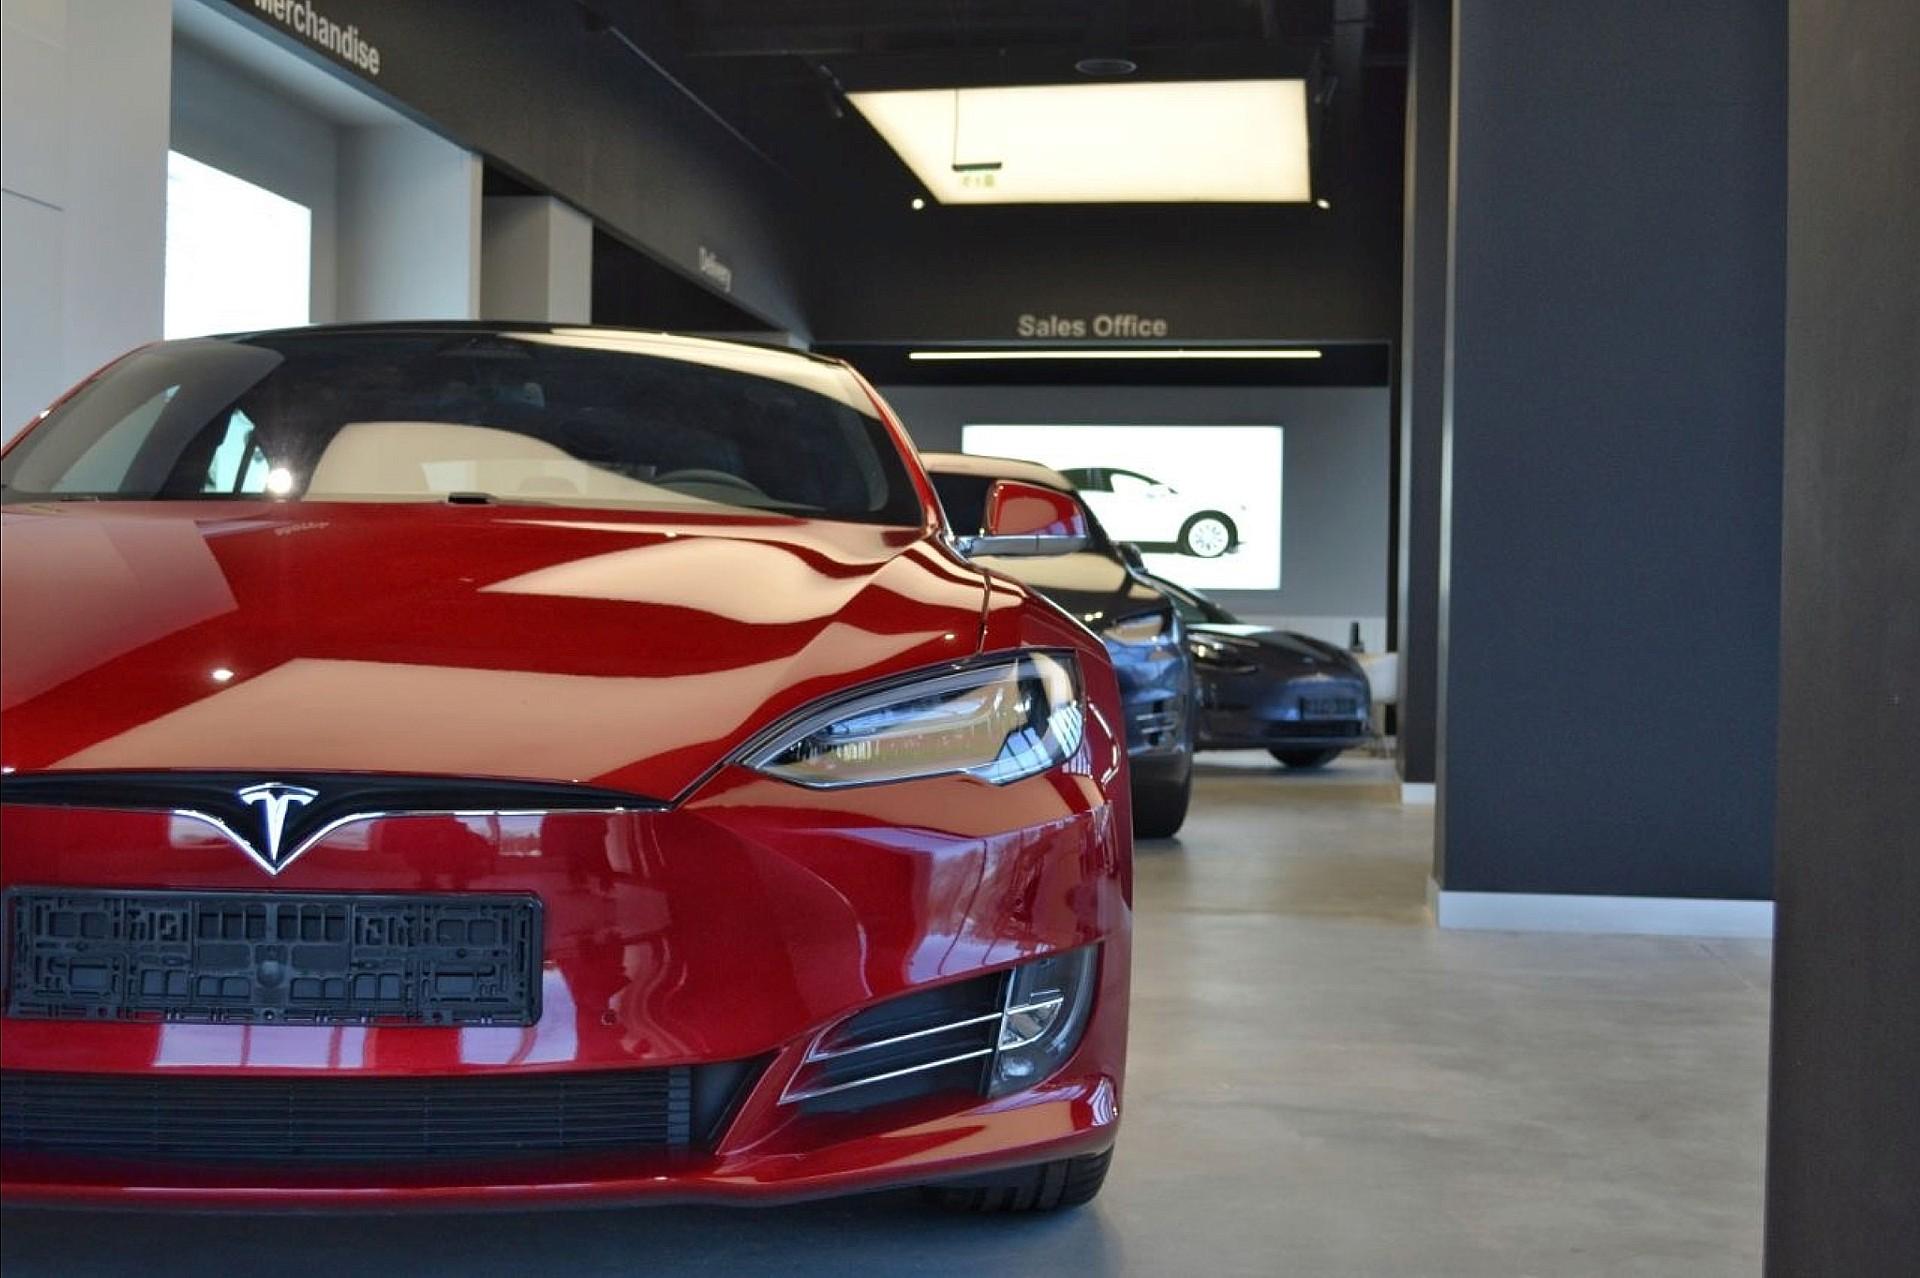 Автосалон Tesla открывается в Румынии, но Tesla им не управляет